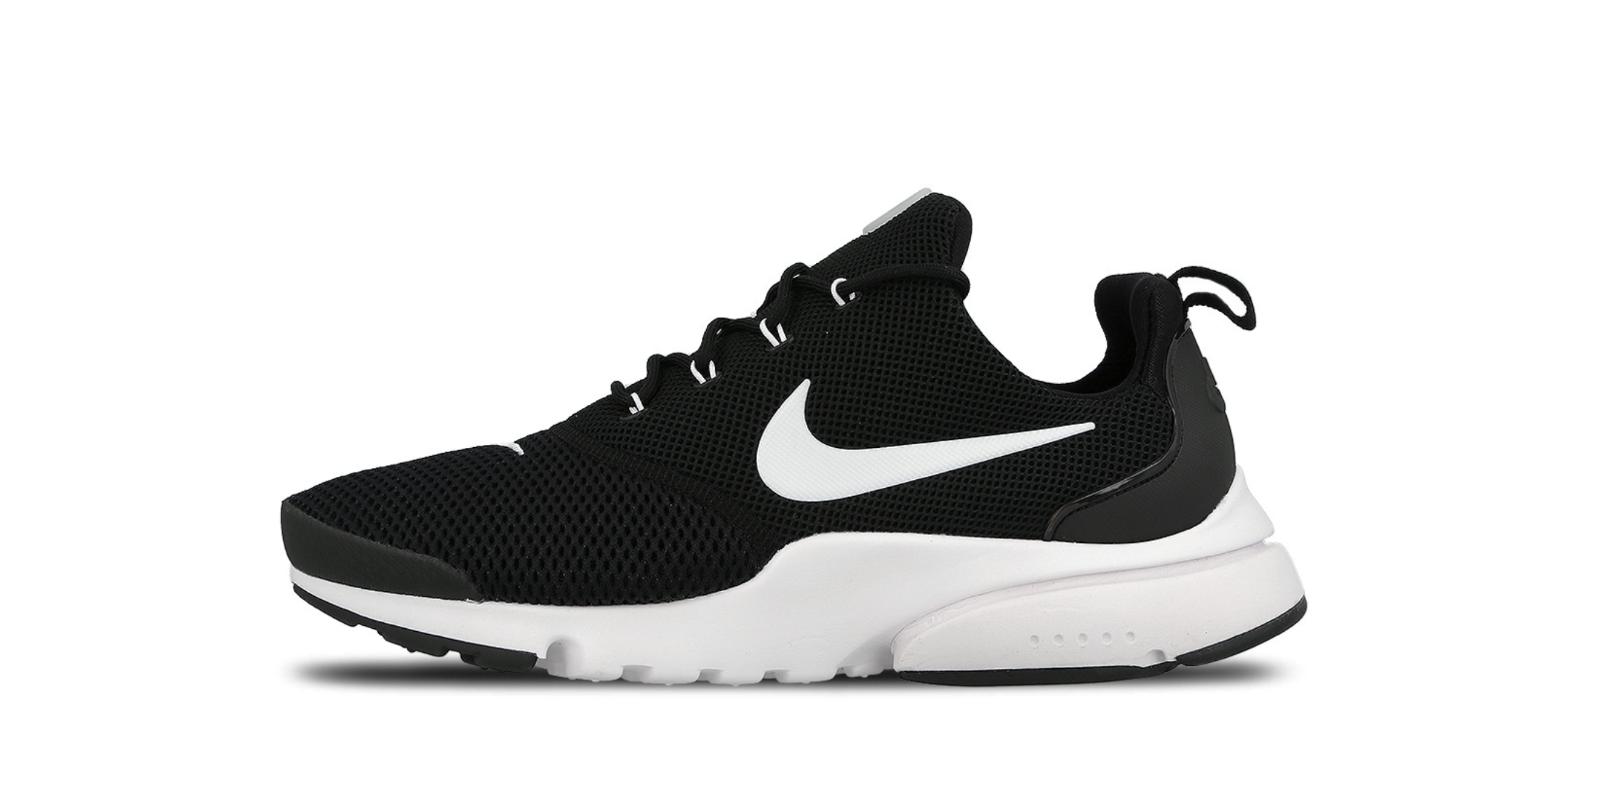 Men's Nike Presto Fly 908019 002 Black White-Black Light shoes Running SZ 7-13